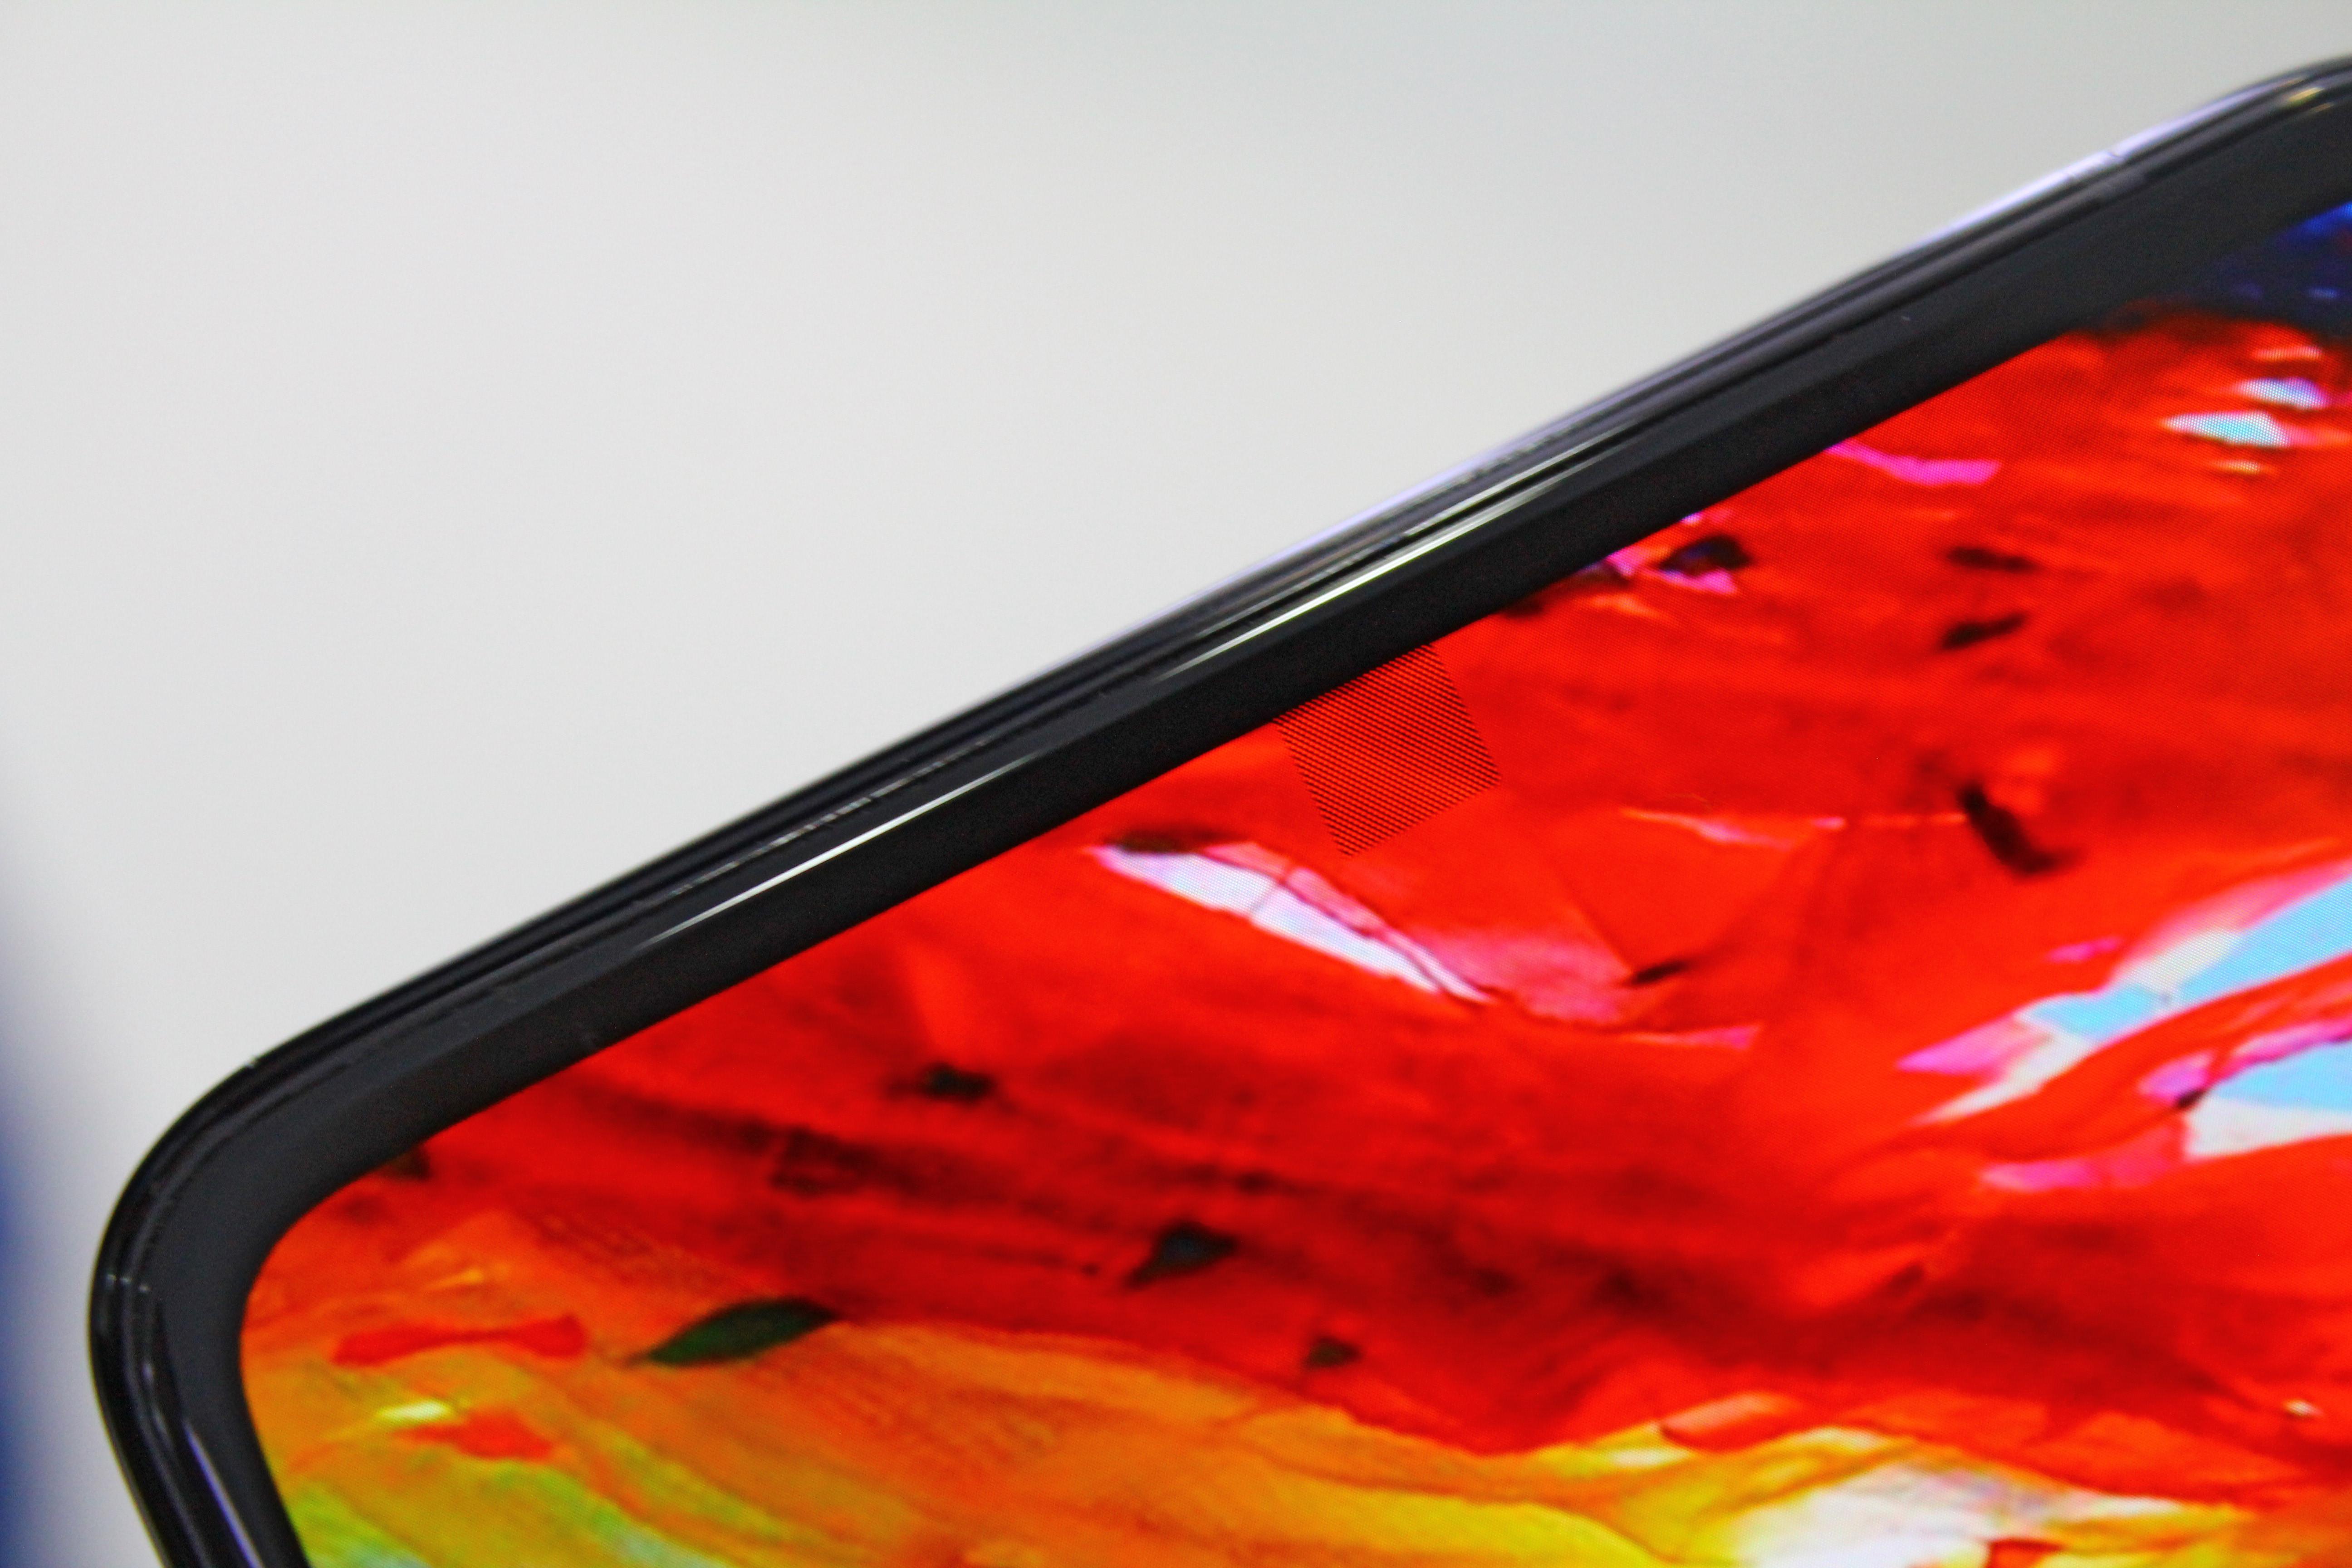 Nowy smartfon ZTE z aparatem pod ekranem opóźniony. Musimy cierpliwie czekać